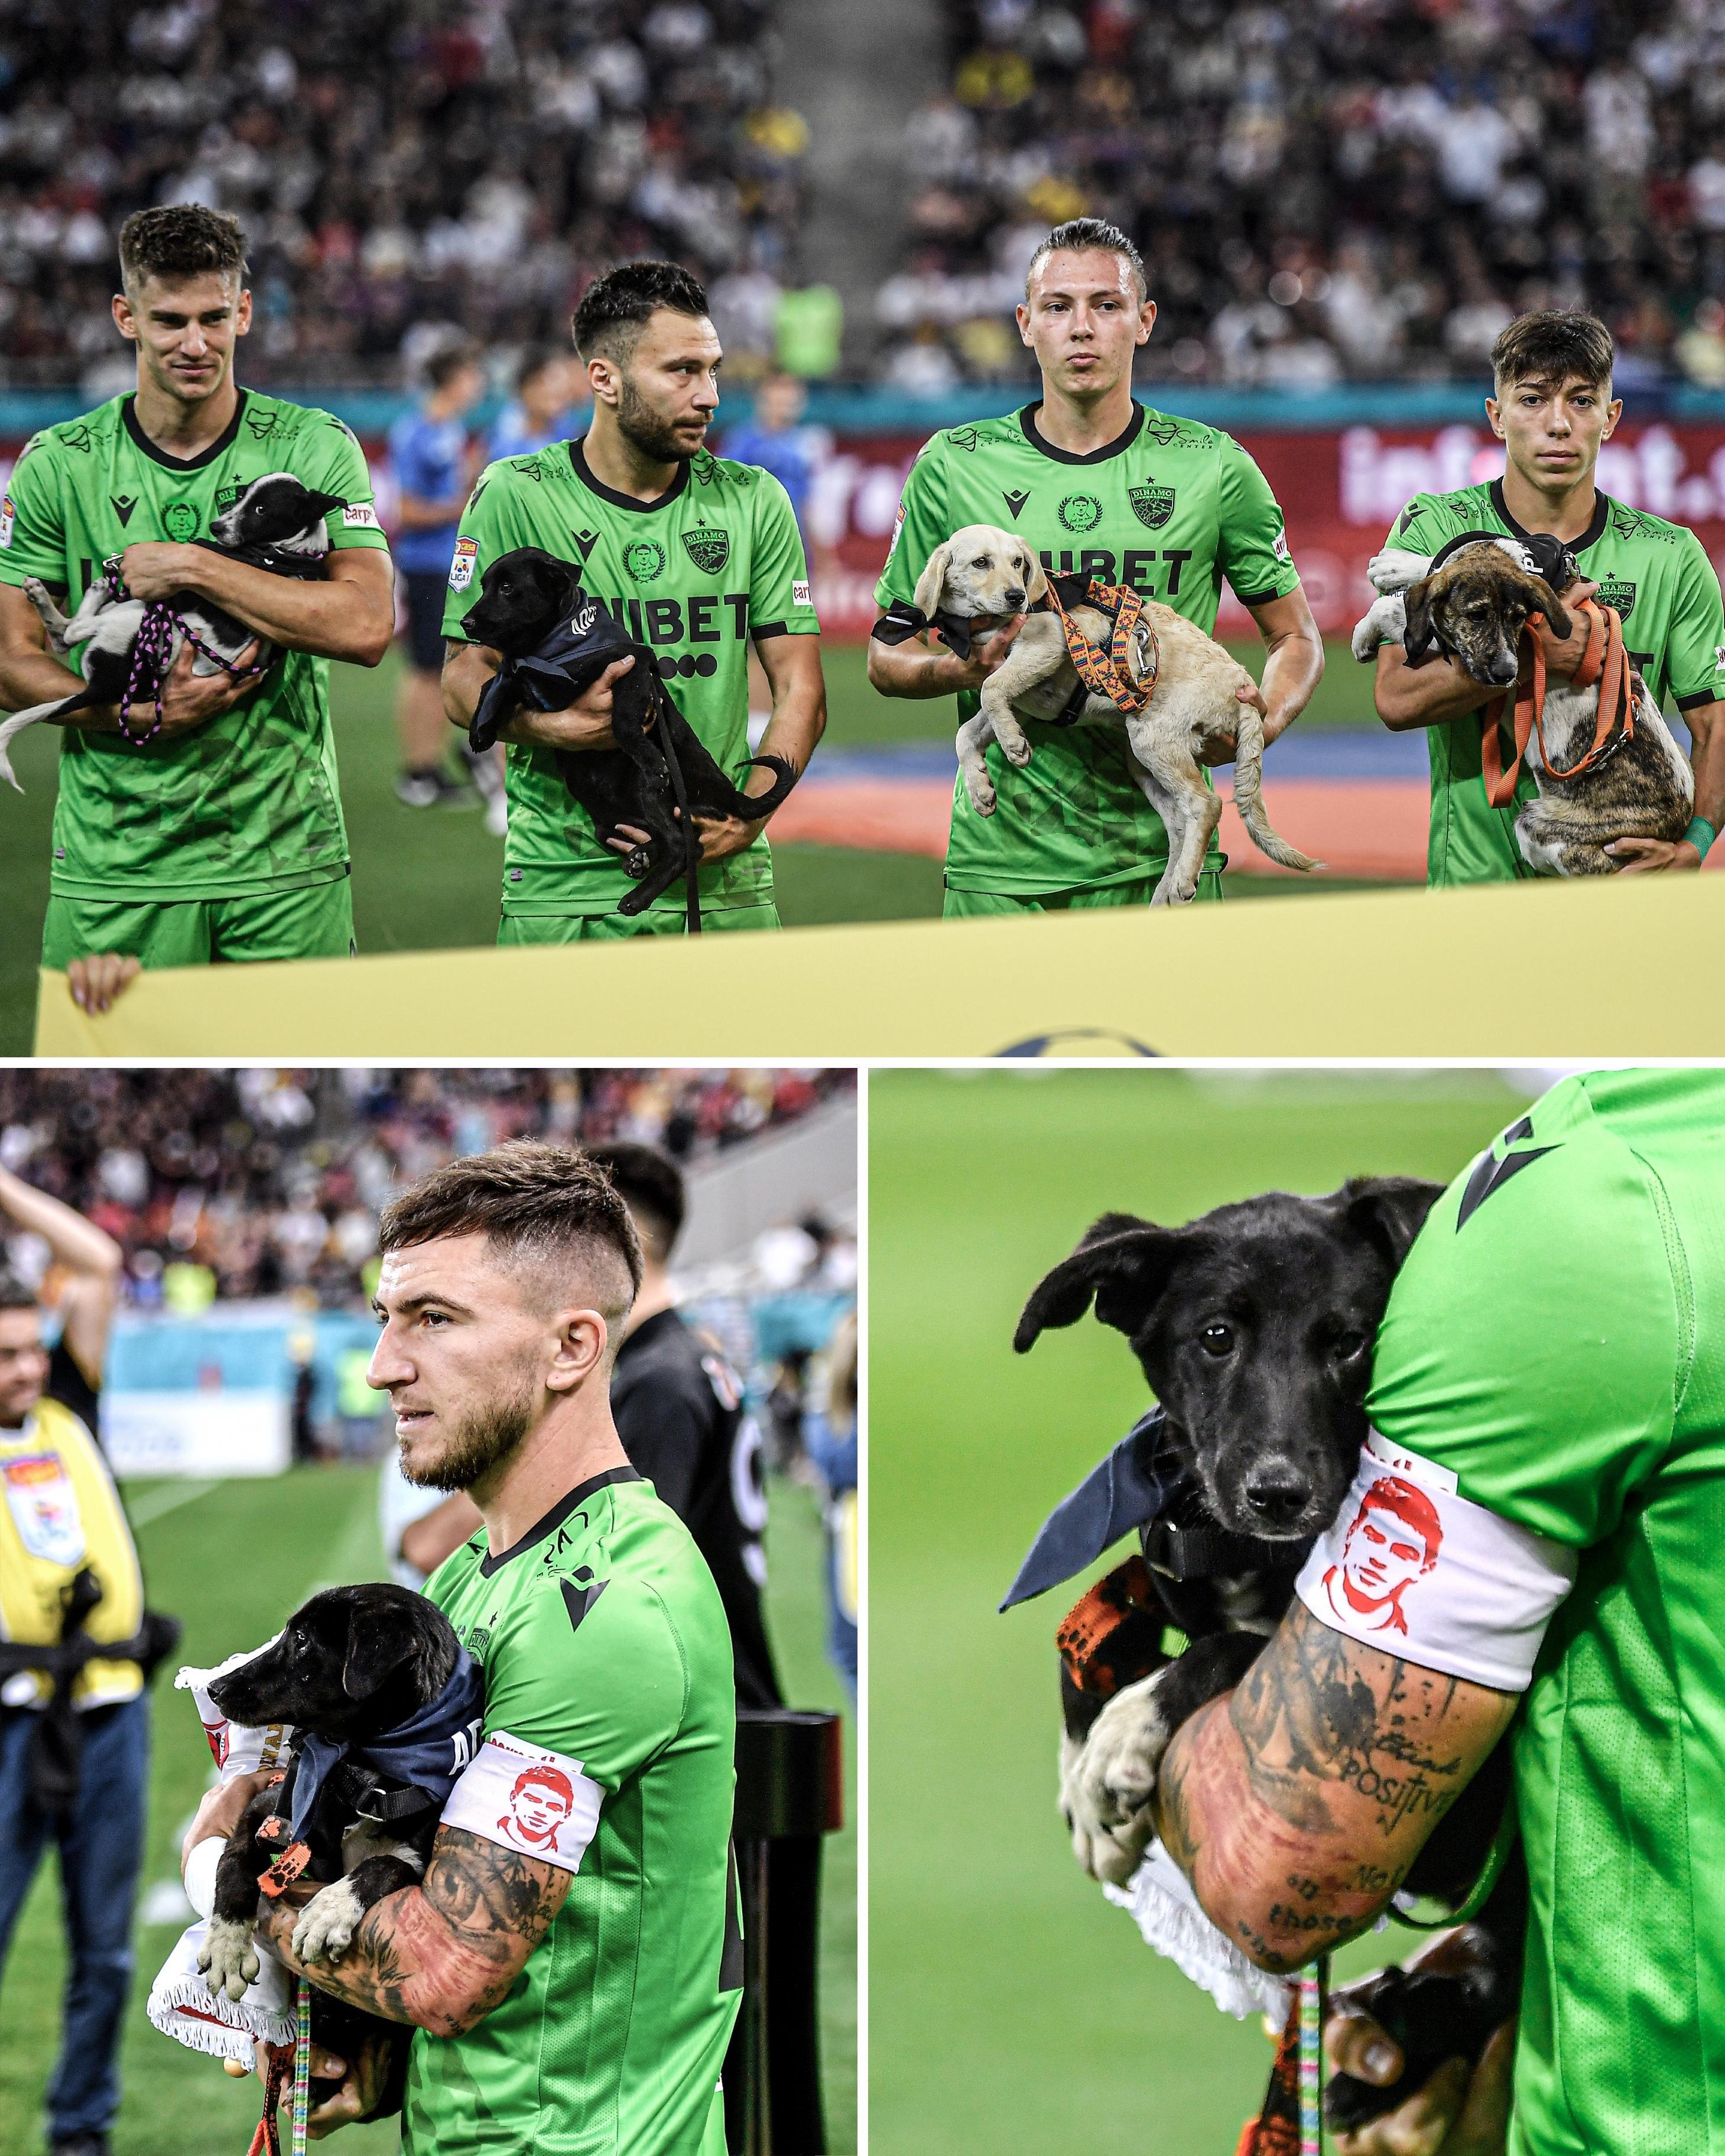 Montagem com três fotos exibindo dos jogadores do Dínamo exibindo os cachorros na primeira, um cão no colo na segunda, e um close ainda mais próximo do cão na terceira. Todos os cachorrinhos usam lenços.